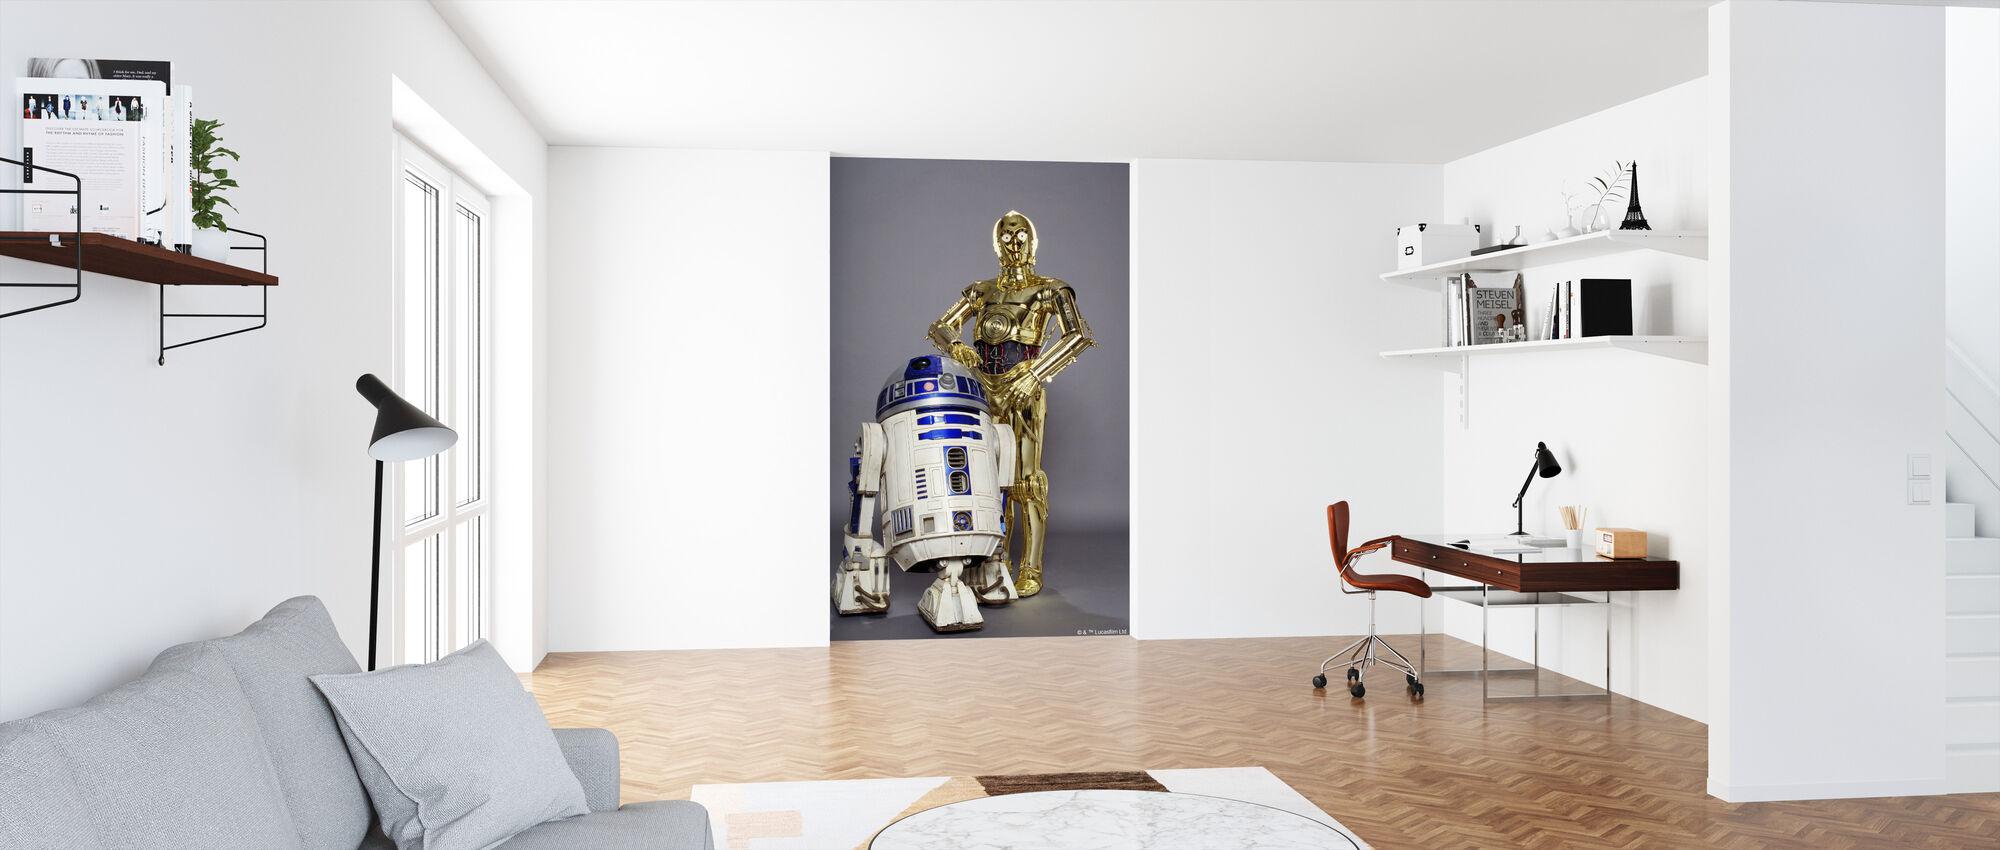 Star Wars - R2-D2 og C-3PO Studioshoot - Tapet - Kontor